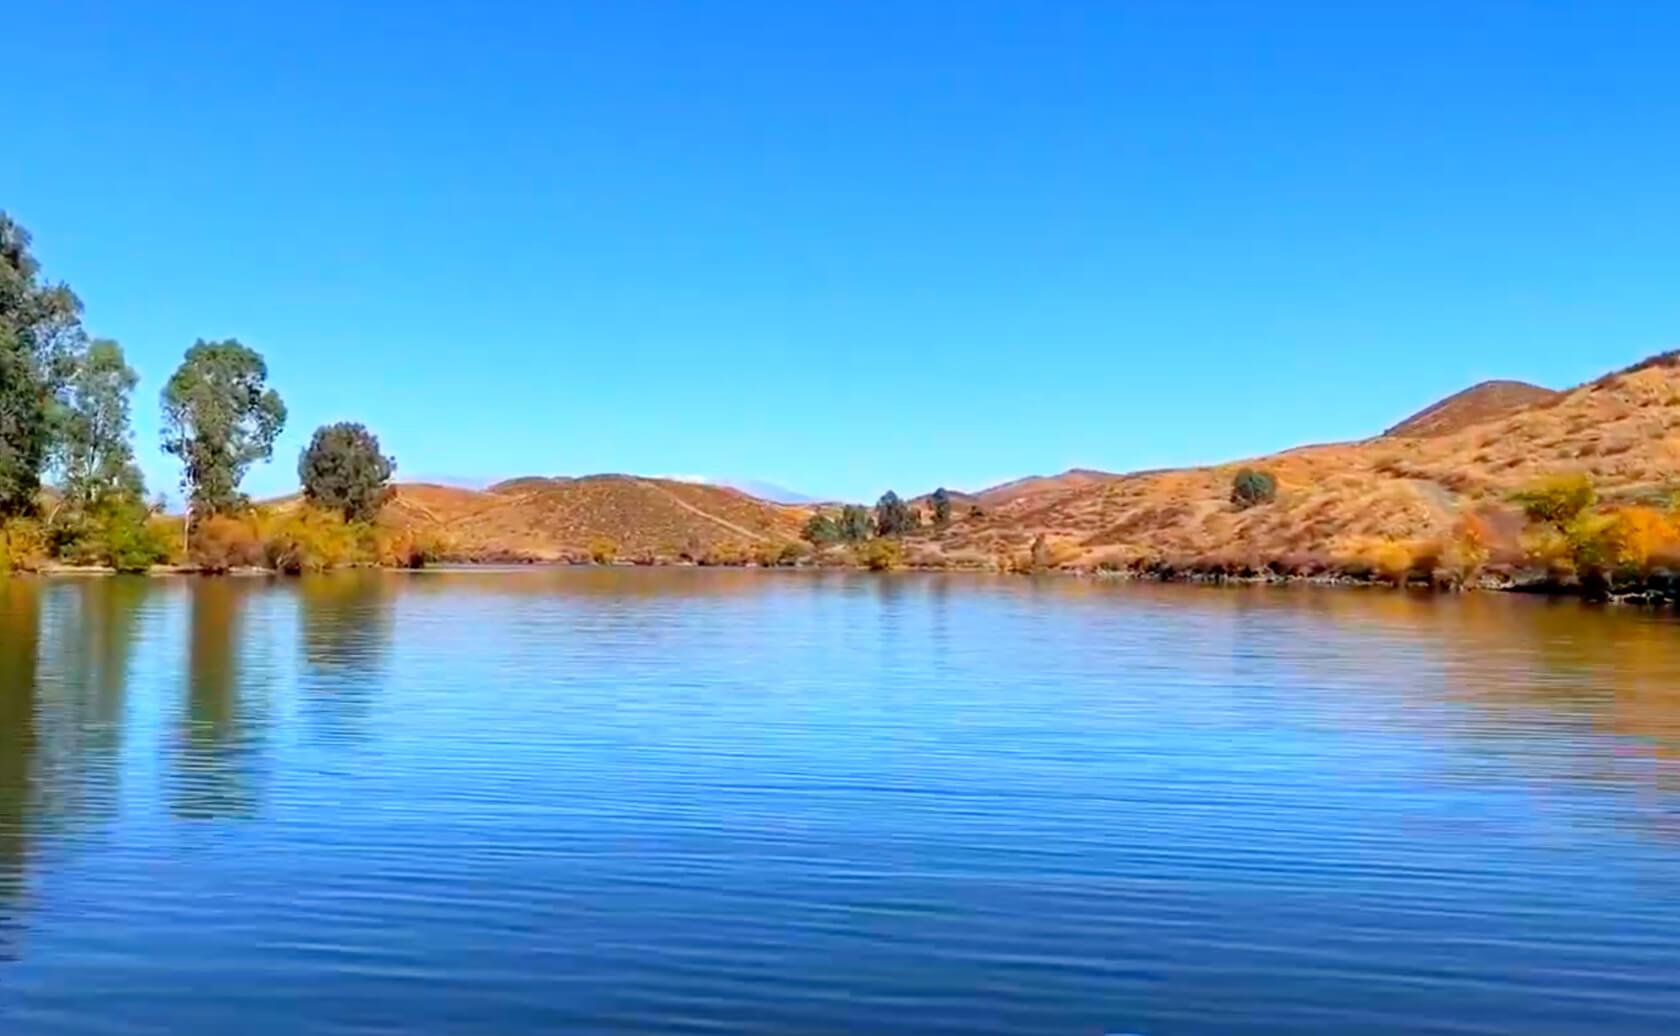 Canyon-Lake-Fishing-Guide-Report-California-92587-07